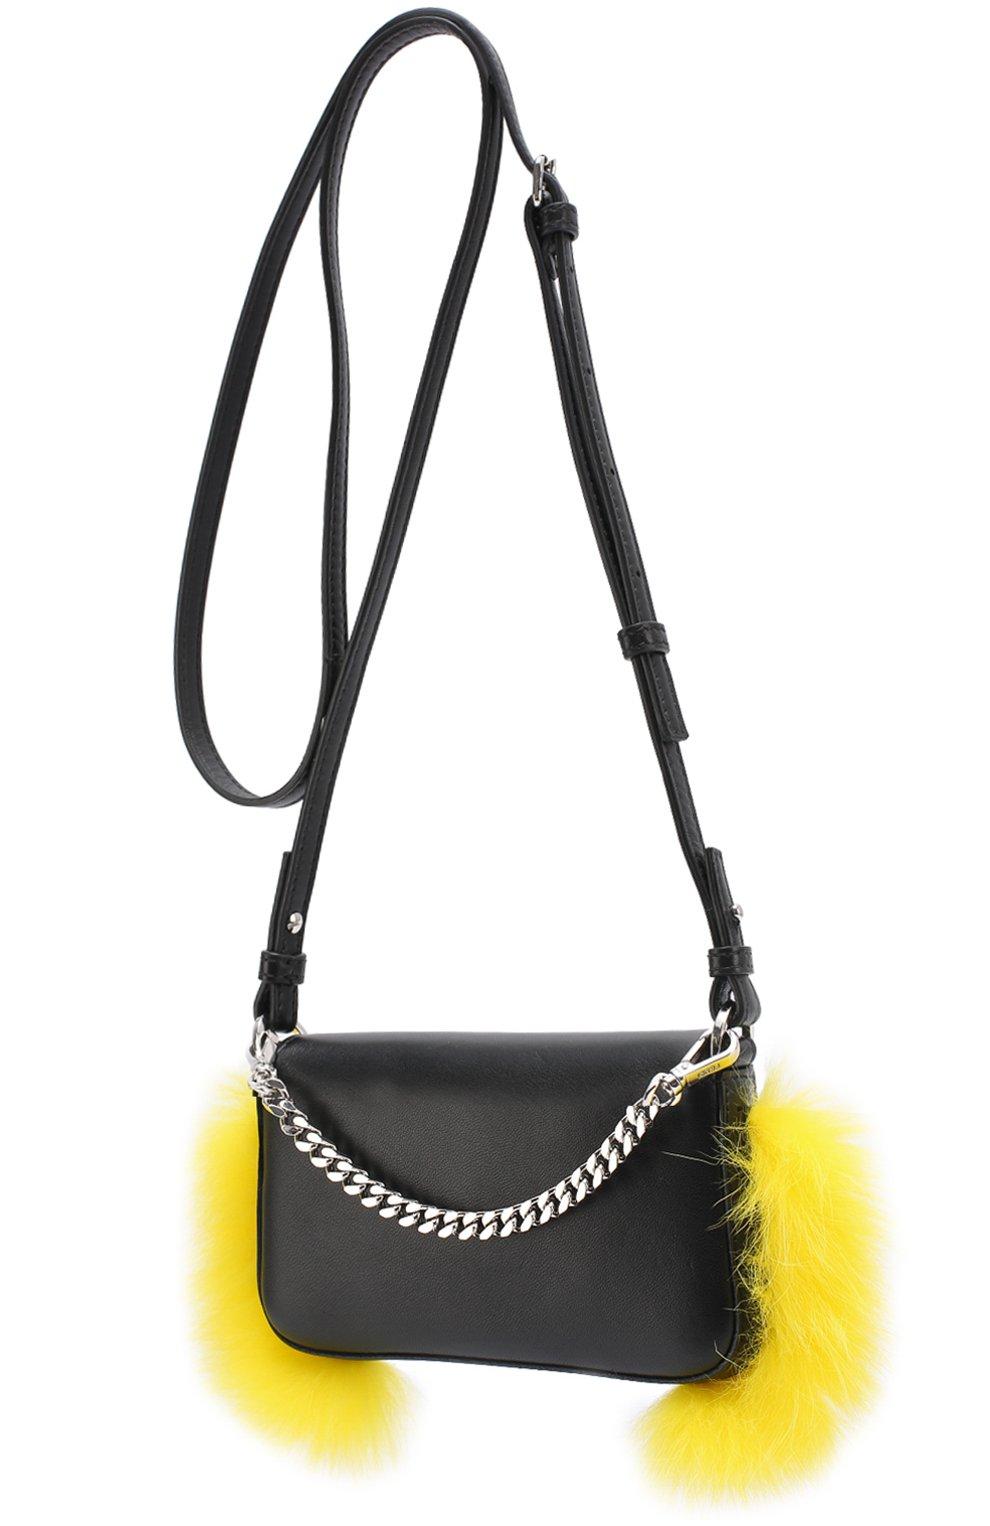 3734de2e2341 Женская сумка micro baguette с отделкой мехом FENDI черная цвета ...